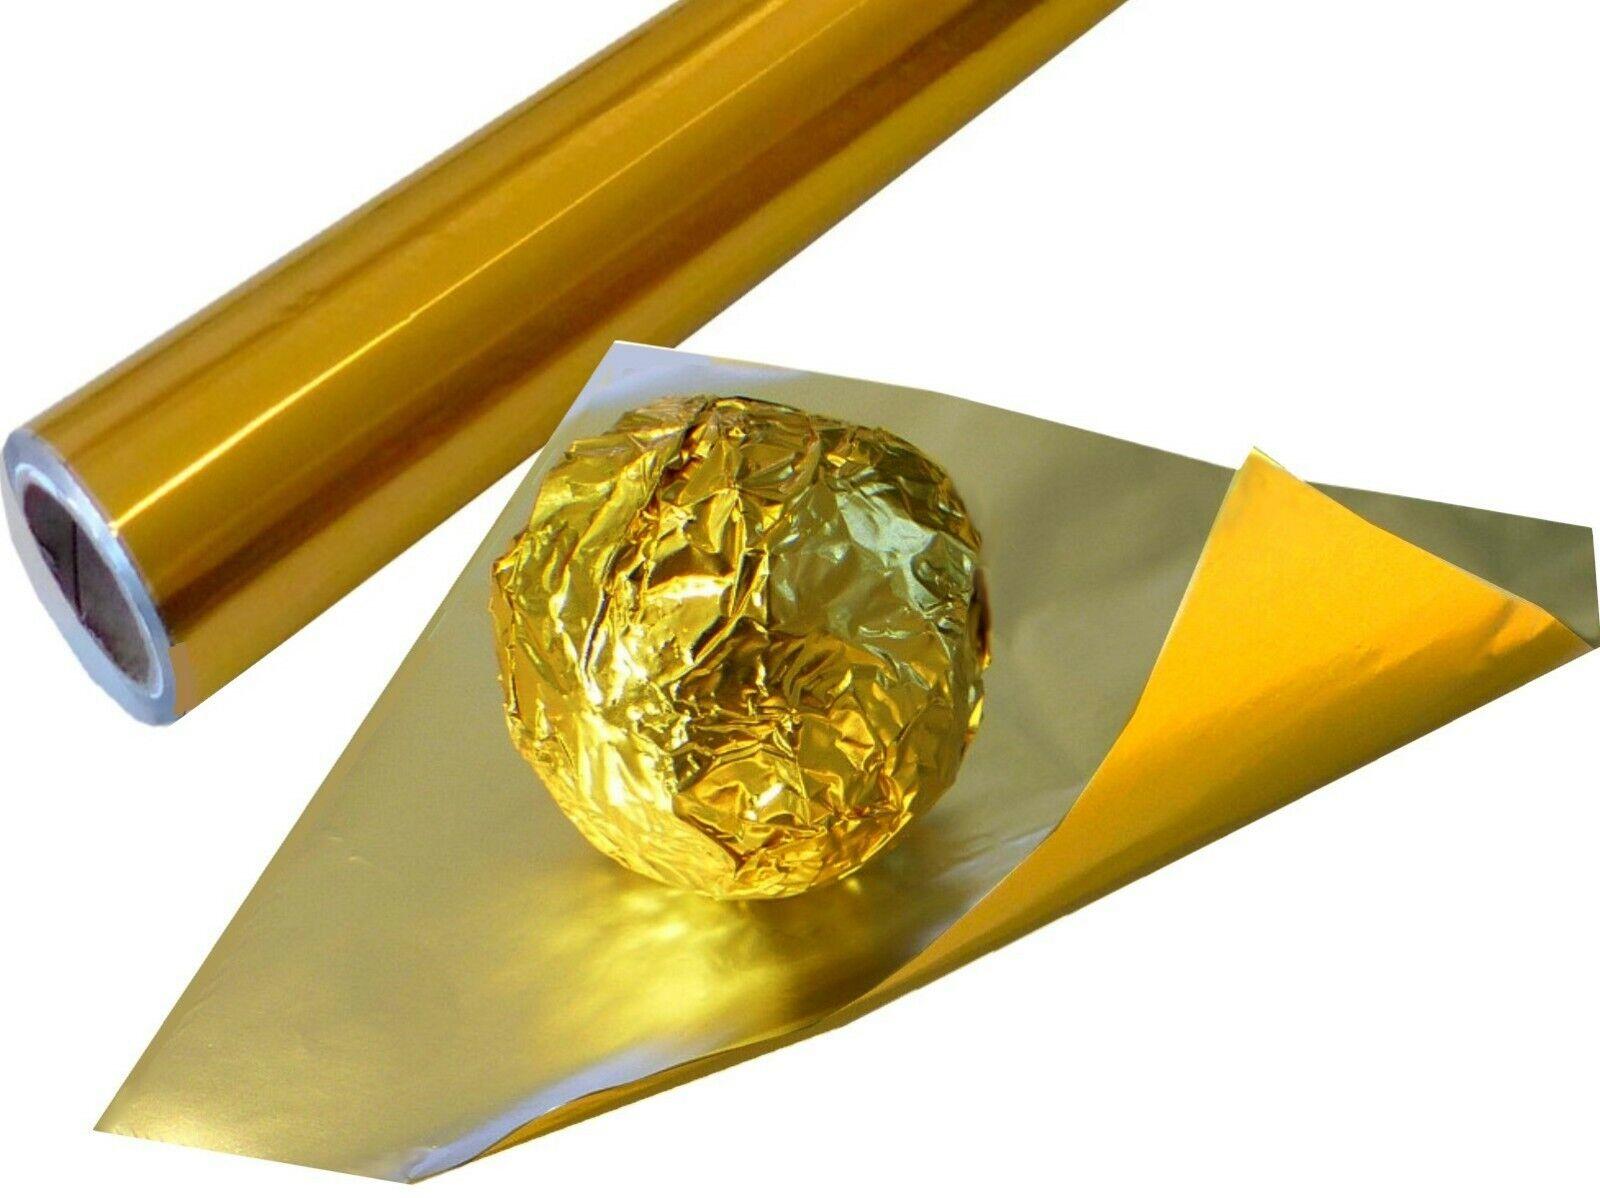 Gold Einwickelfolie Rolle 65m bunte Alufolie f. Schokolade Pralinenfolie